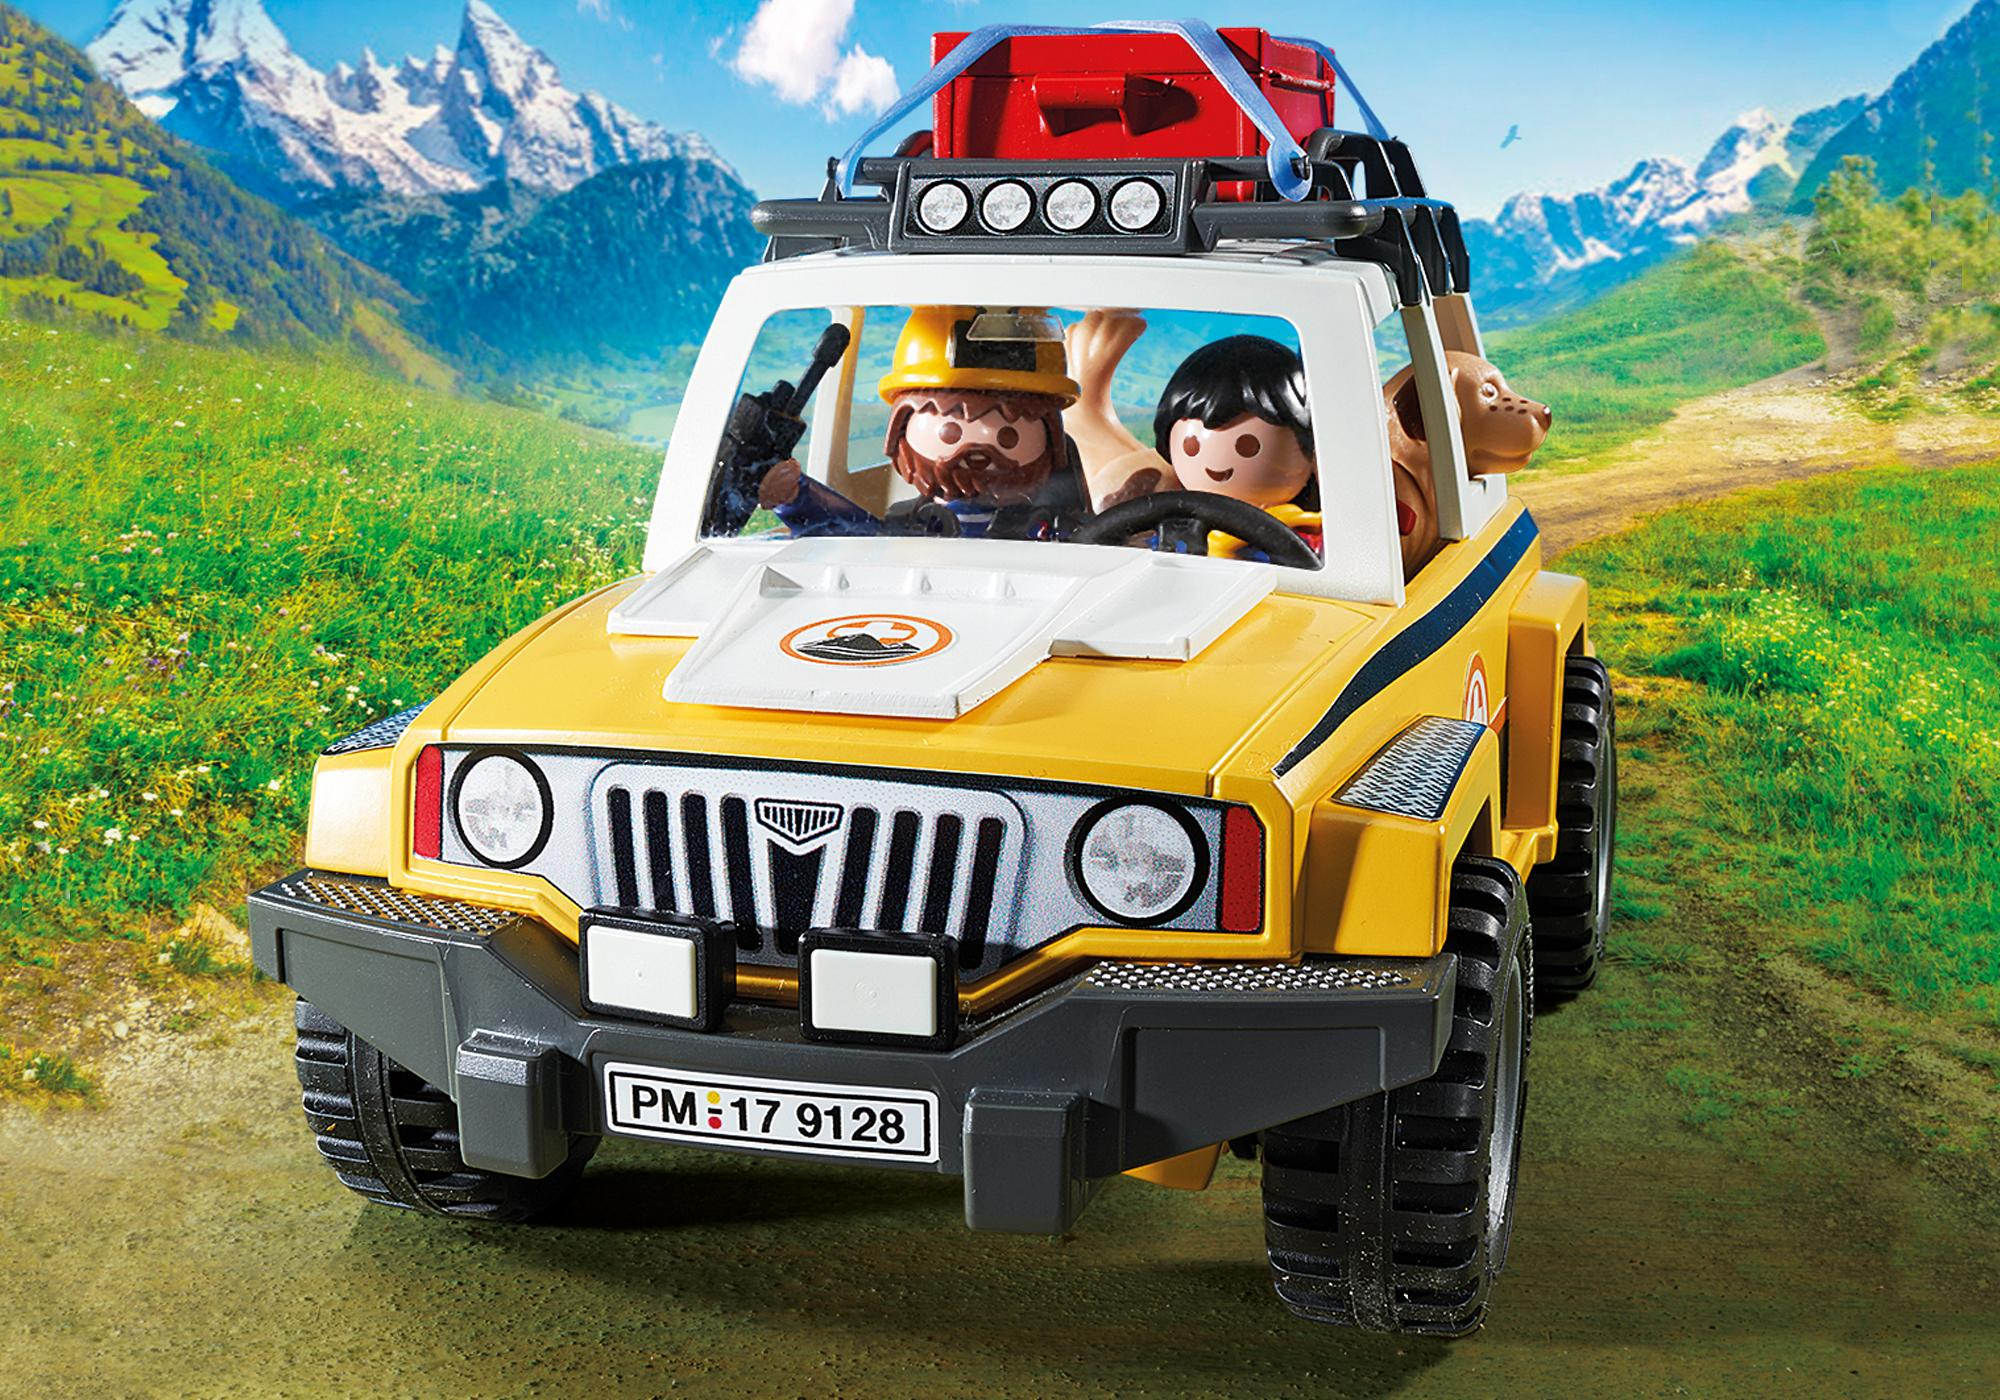 http://media.playmobil.com/i/playmobil/9128_product_extra2/Secouristes des montagnes avec véhicule